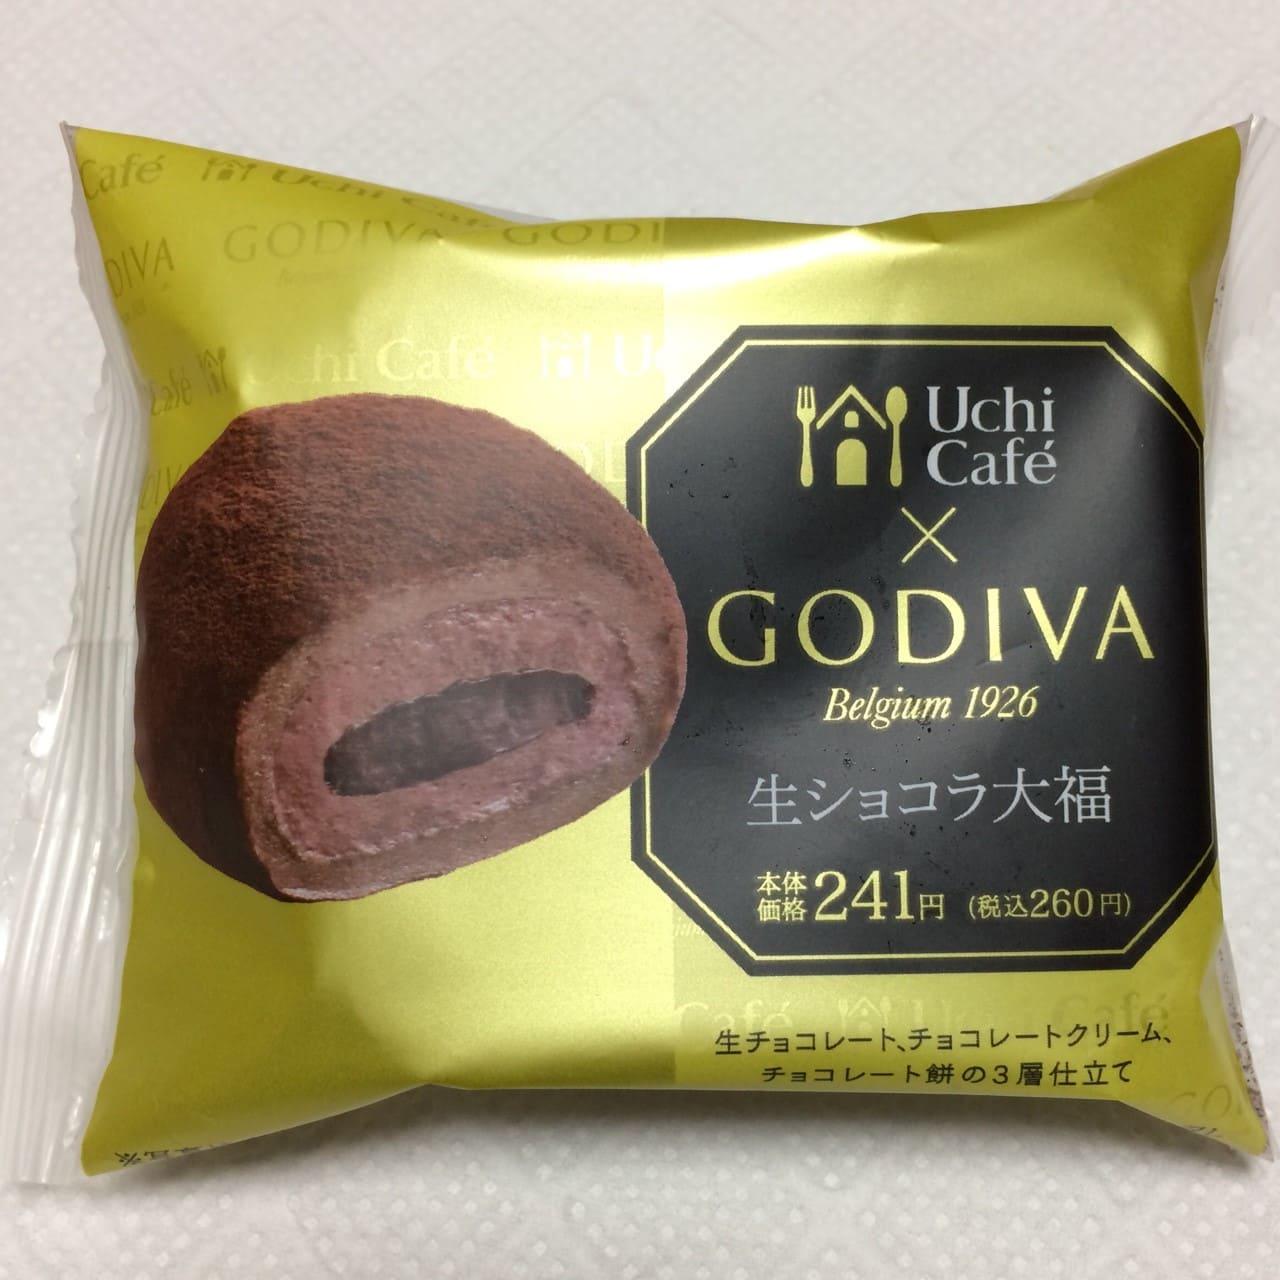 ゴディバ 生ショコラ大福